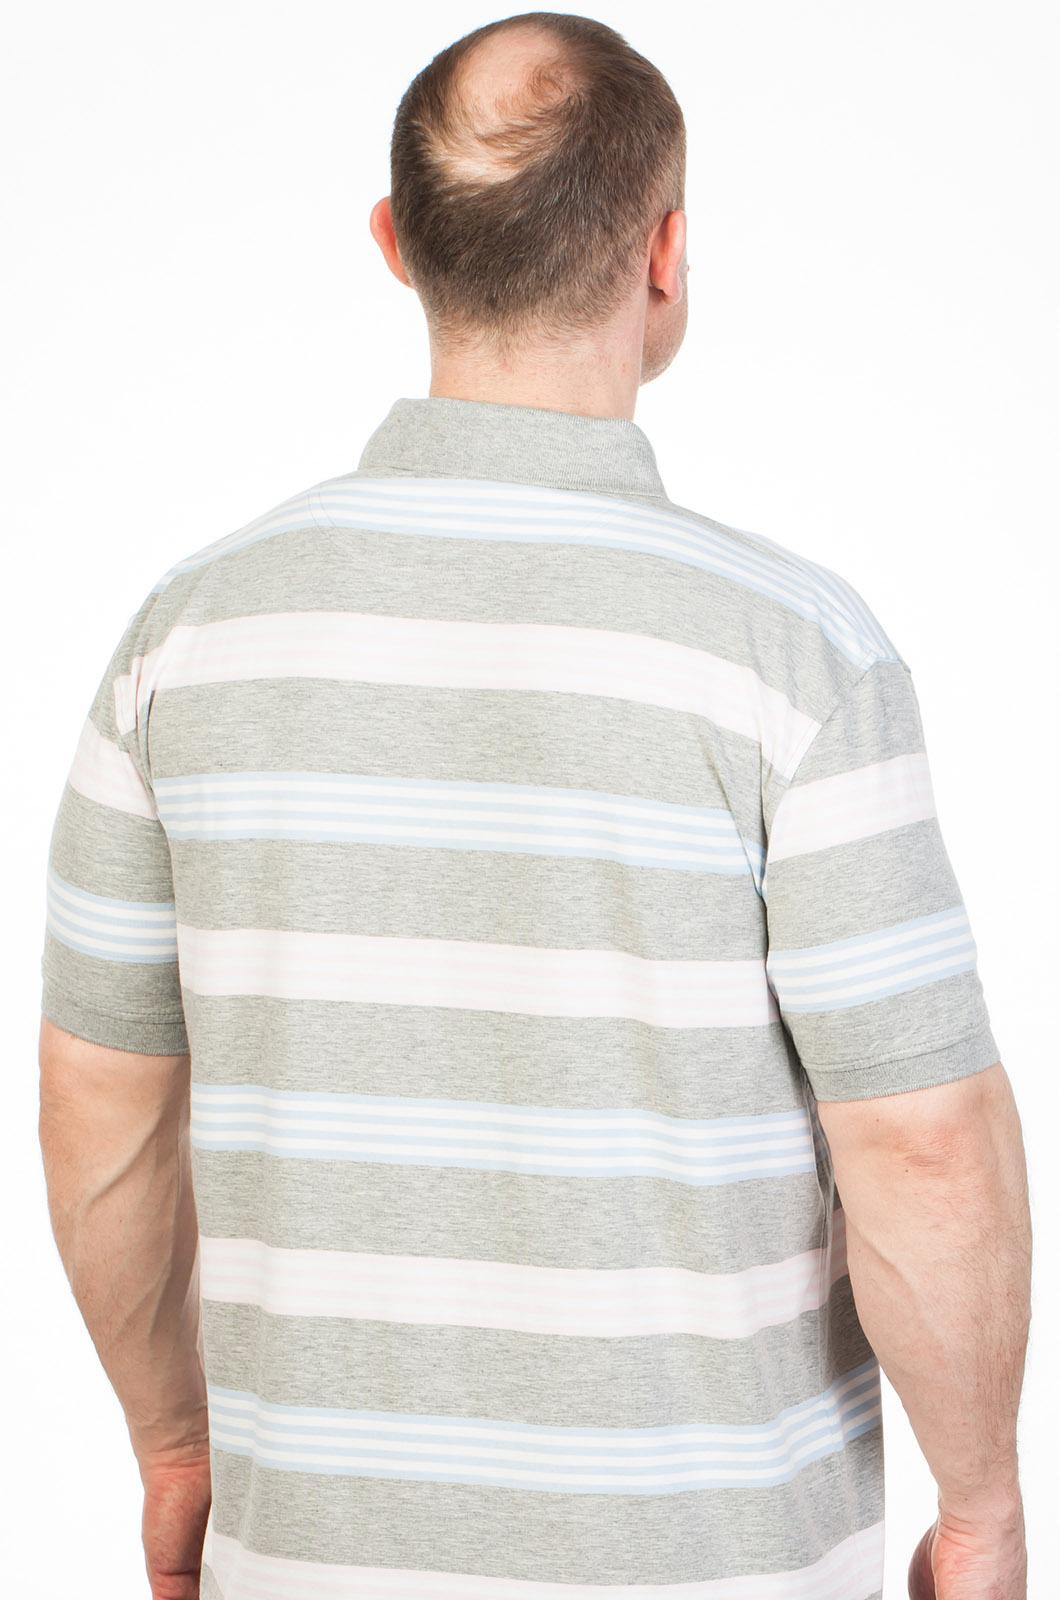 Мужская футболка-поло в полоску по выгодной цене